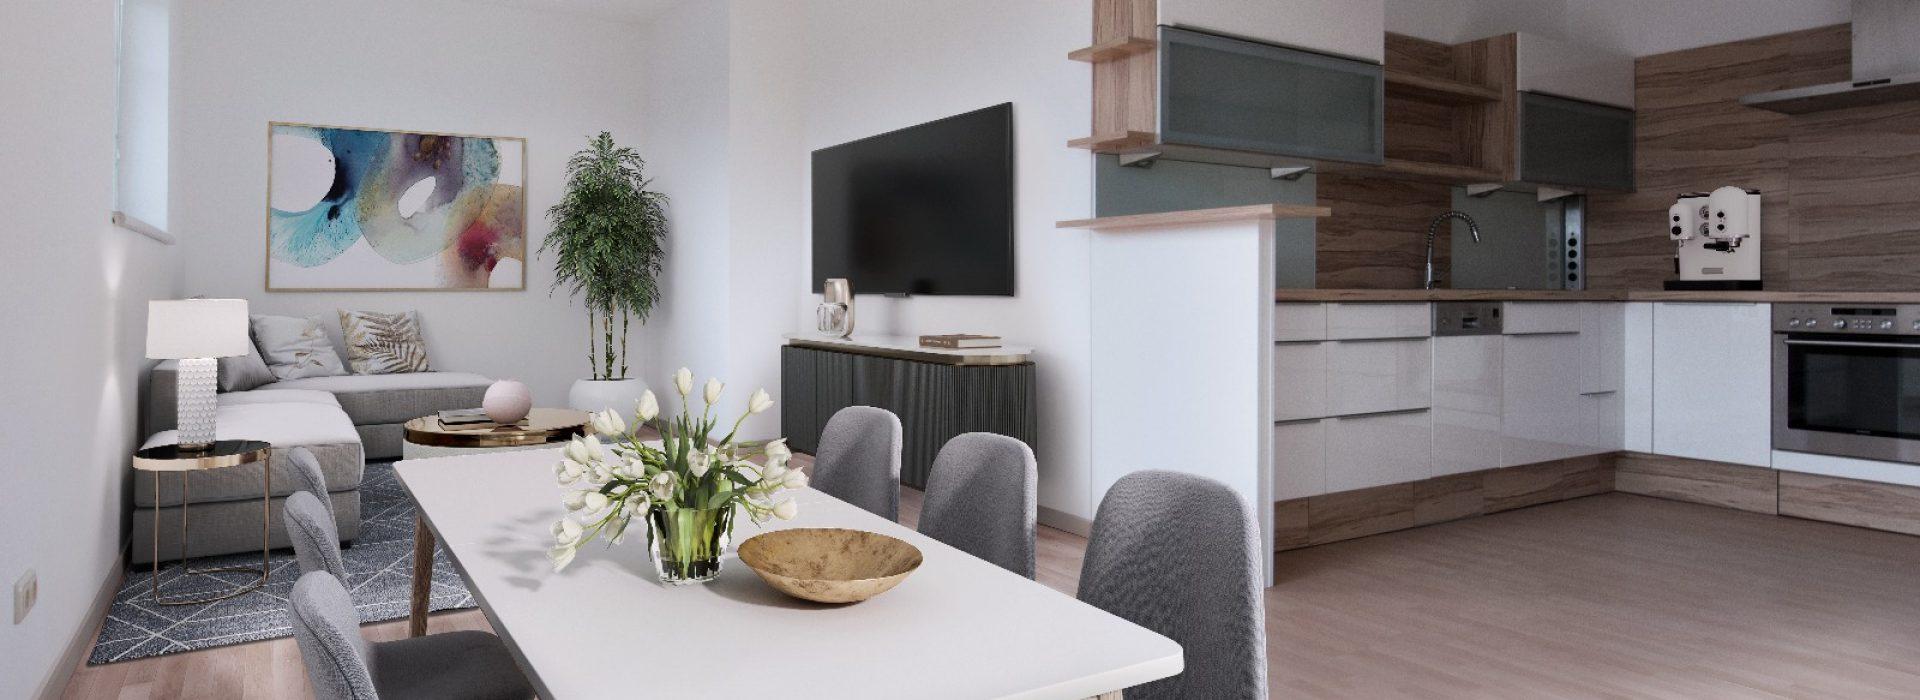 Top 9 - Küche/Wohnbereich